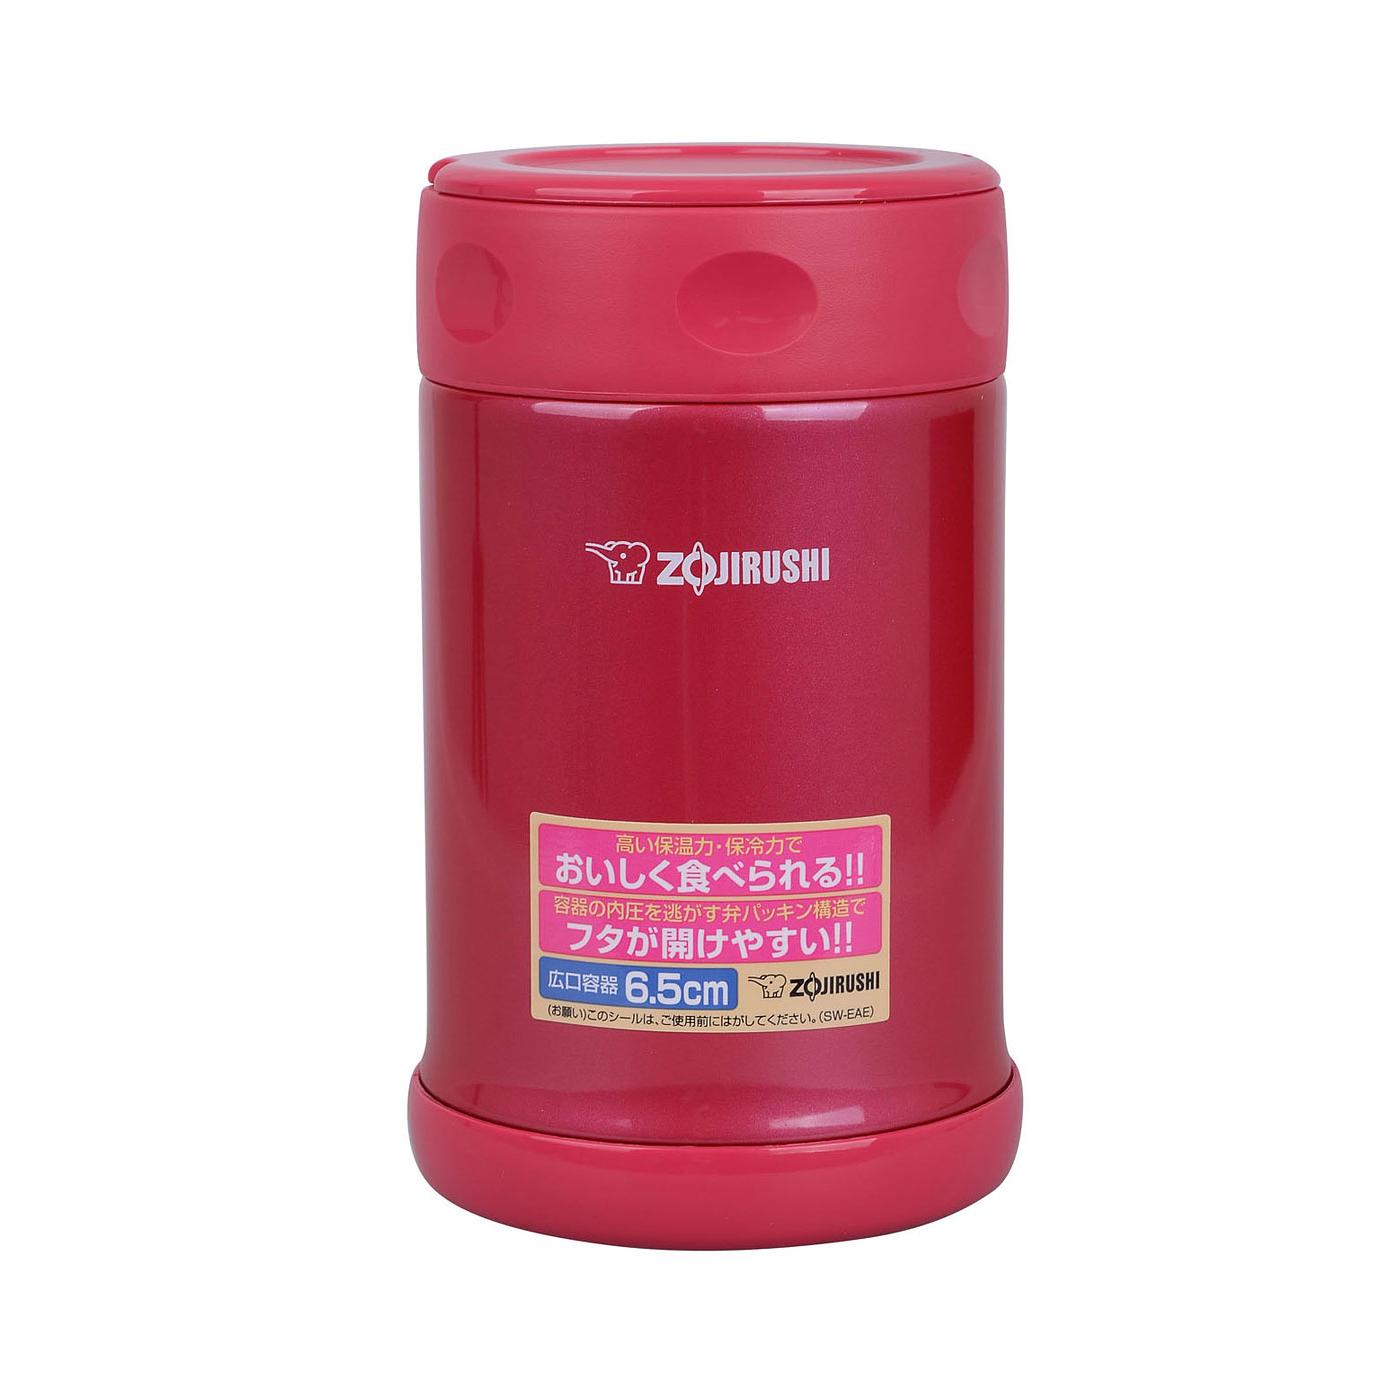 Bình đựng thức ăn giữ nhiệt Zojirushi SW-EAE50-PJ